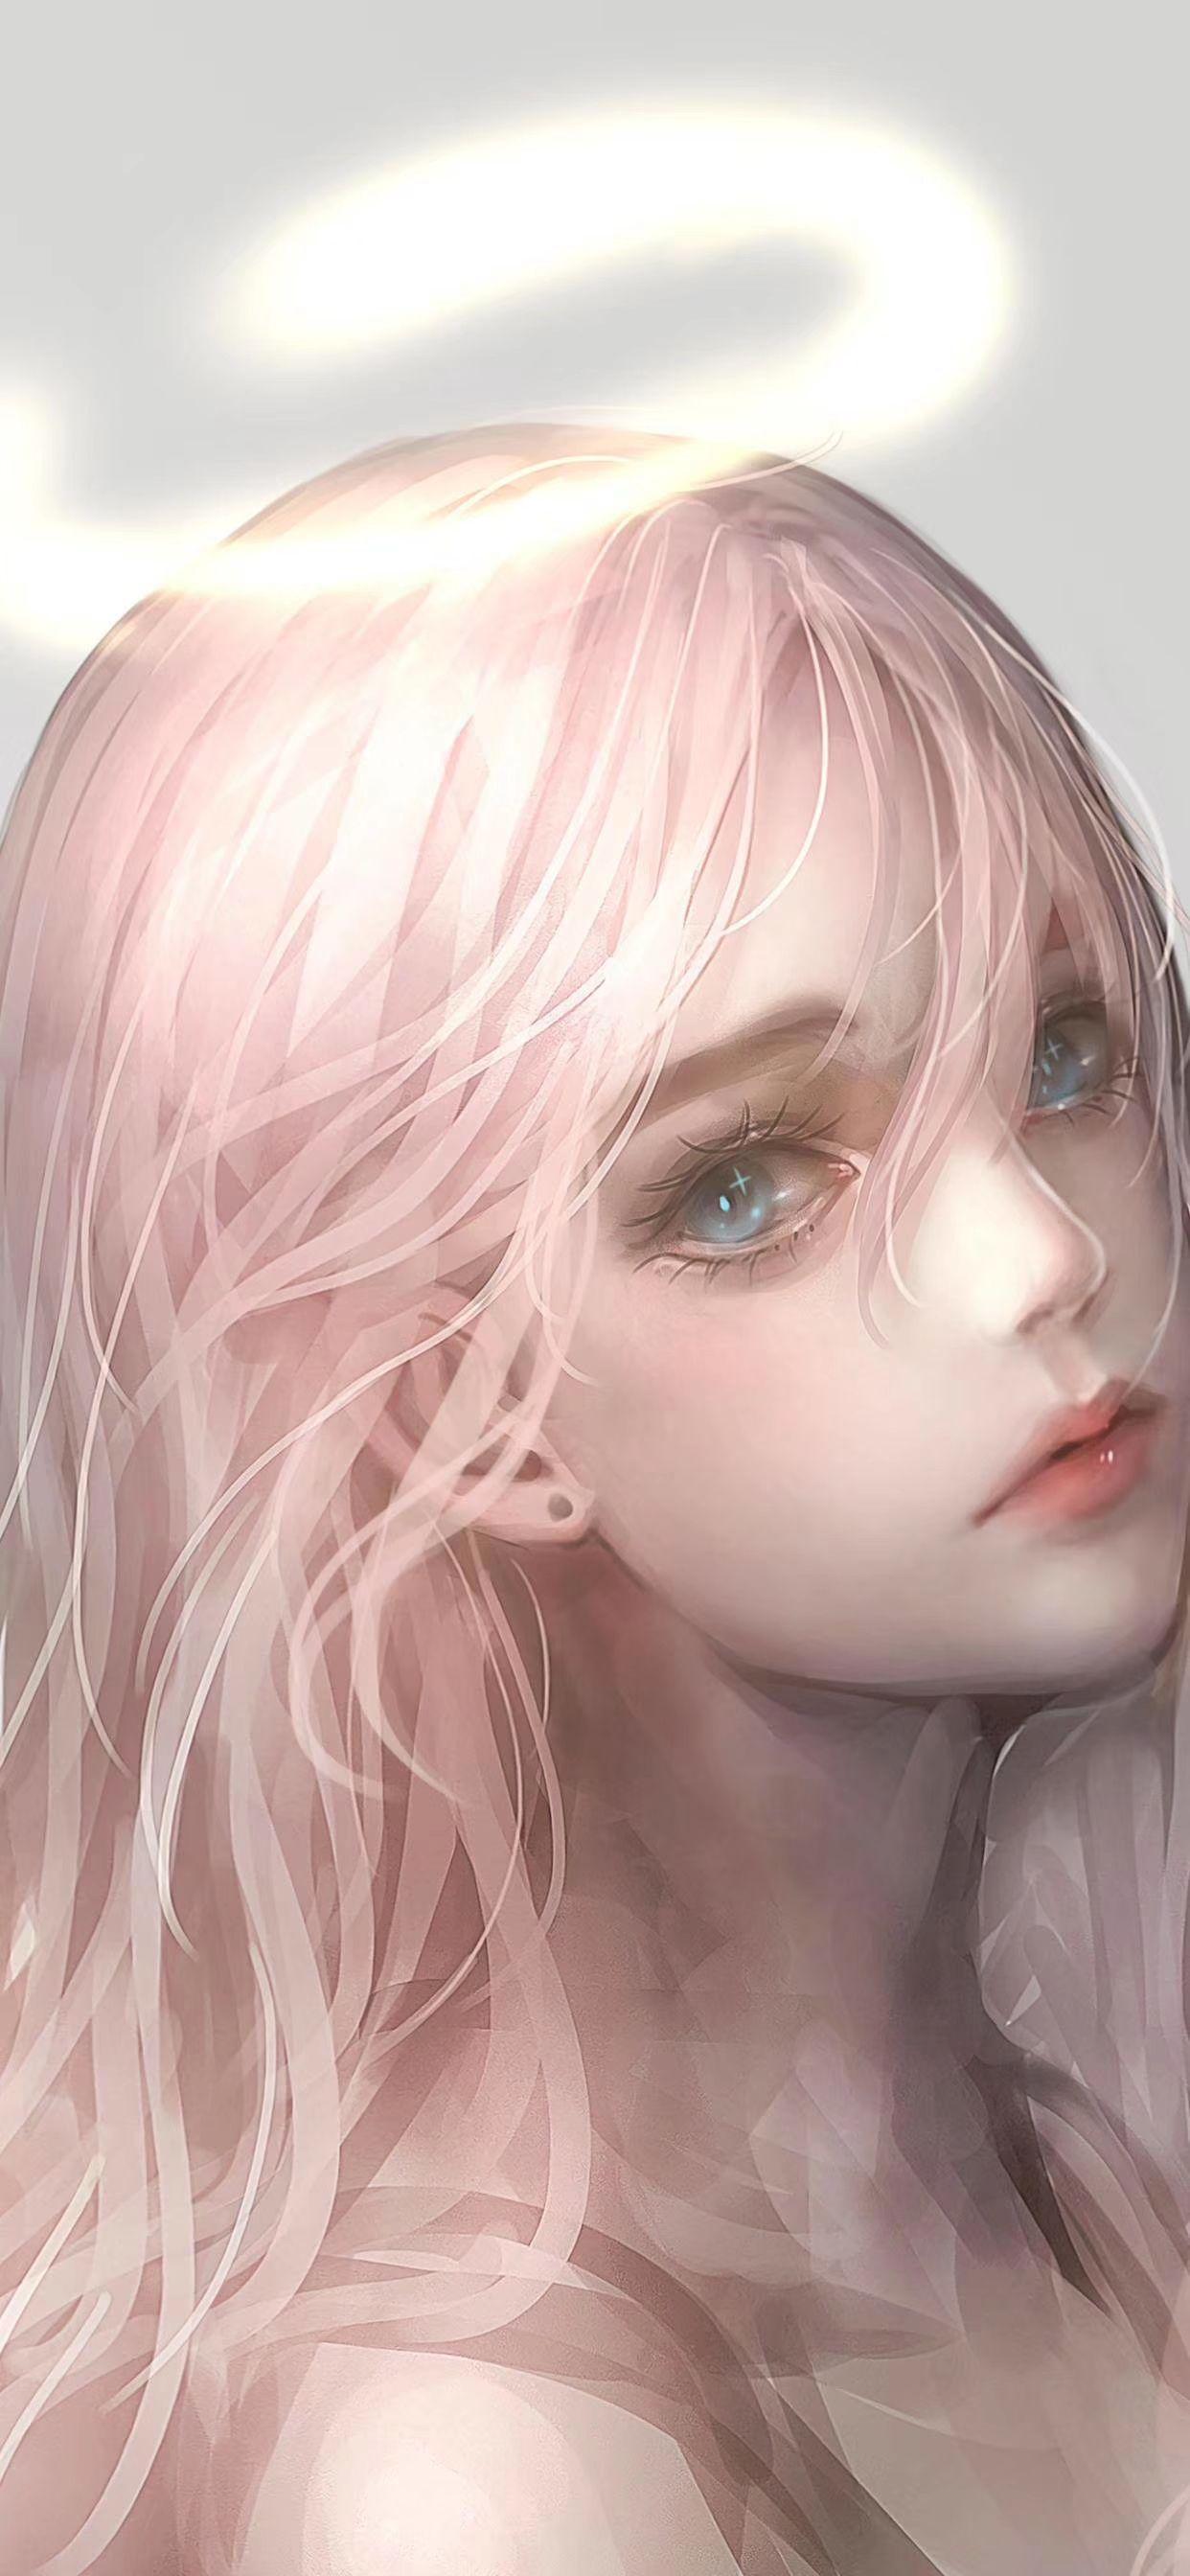 Girl Painting Wallpaper Anime Art Girl Digital Art Girl Painting Of Girl